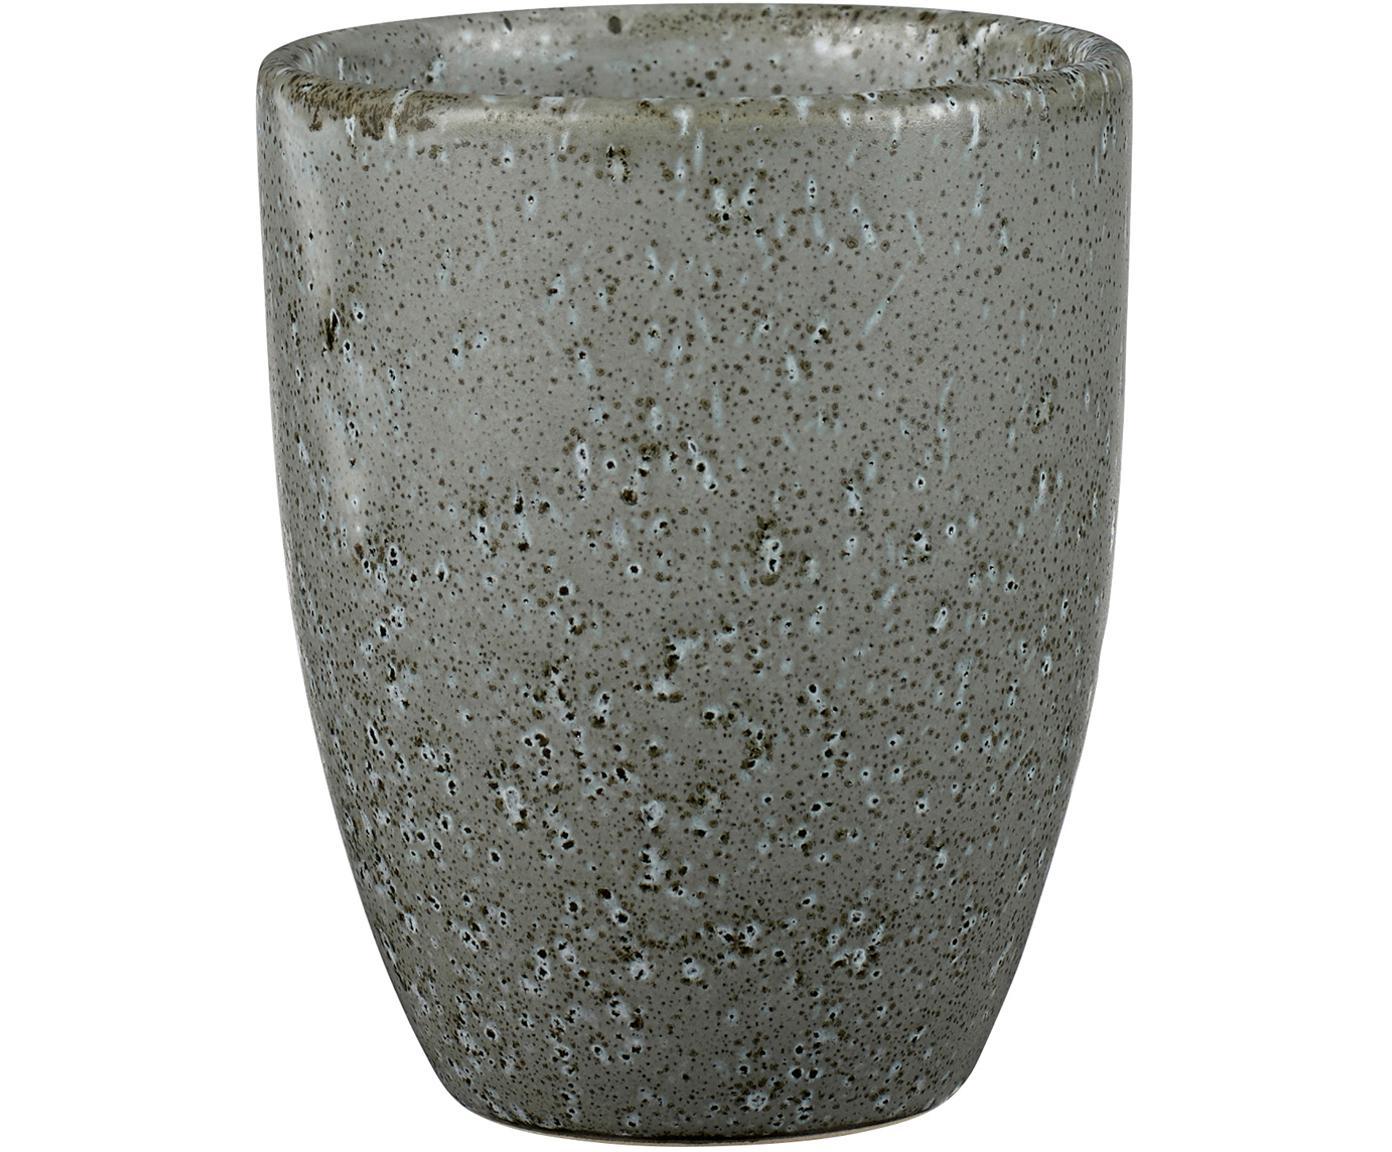 Becher Stone, 2 Stück, Steingut, glasiert, Grau, Ø 8 x H 10 cm